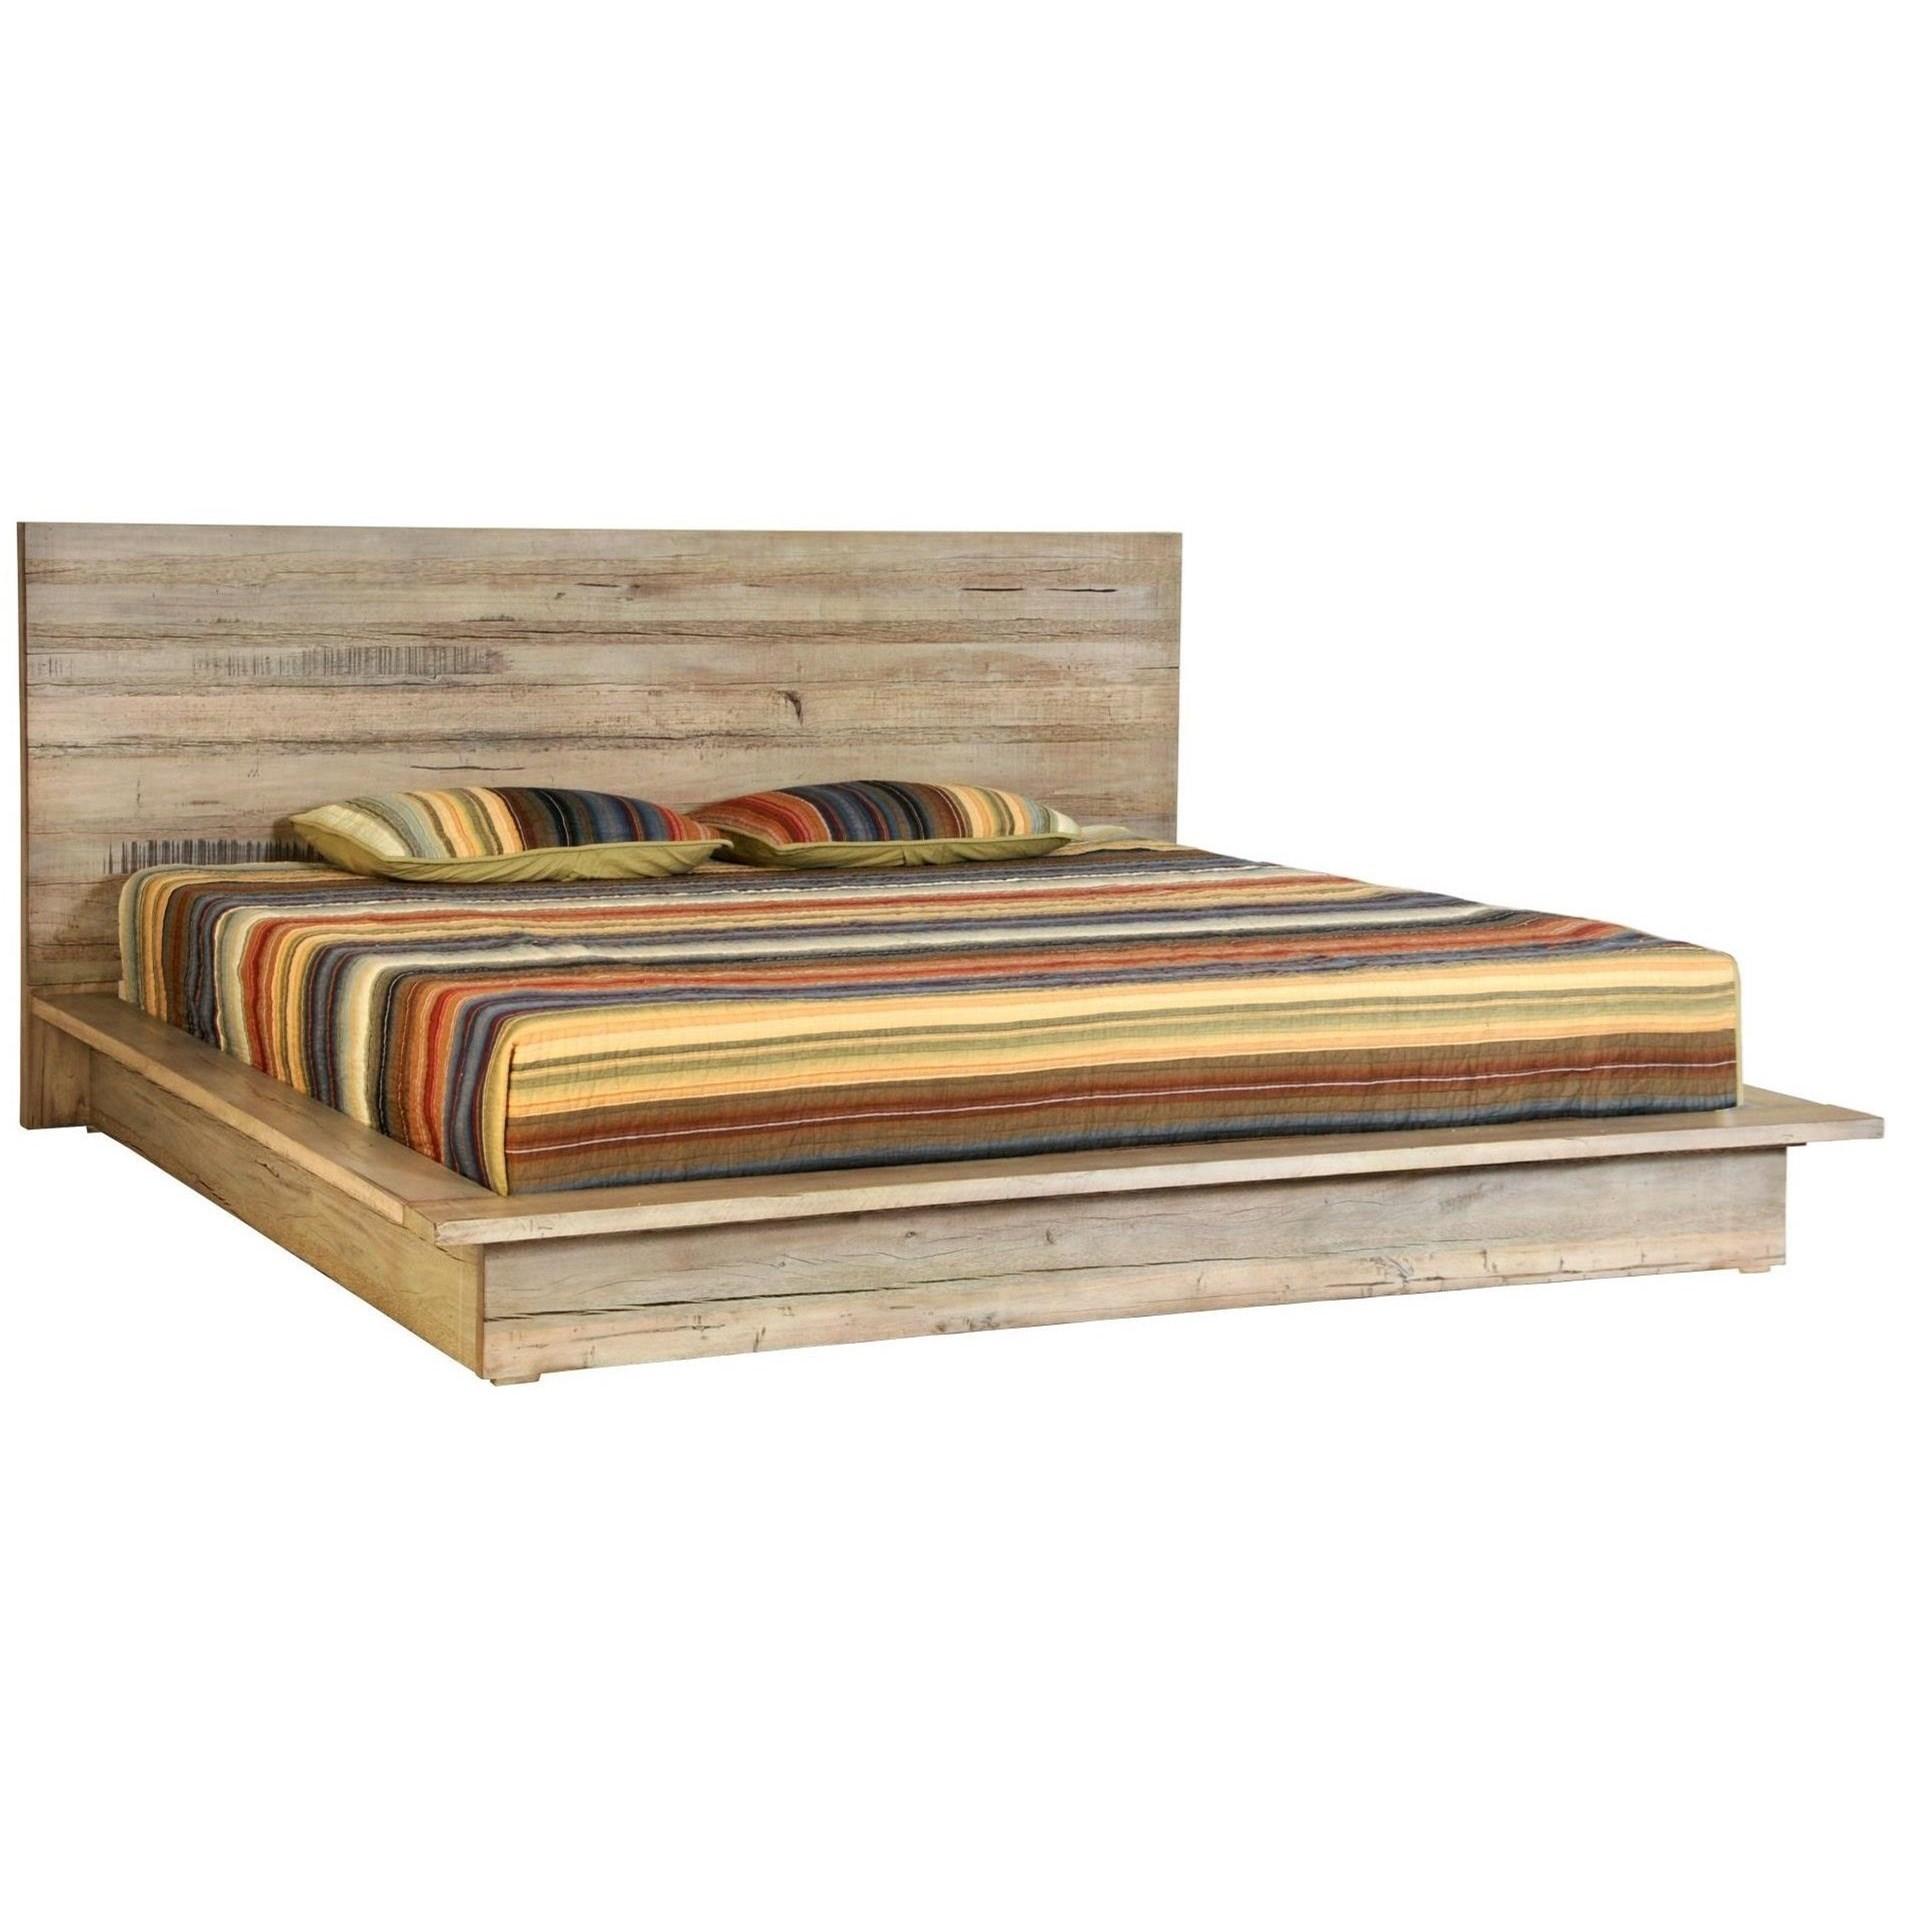 napa furniture designs renewal king low profile bed. Black Bedroom Furniture Sets. Home Design Ideas